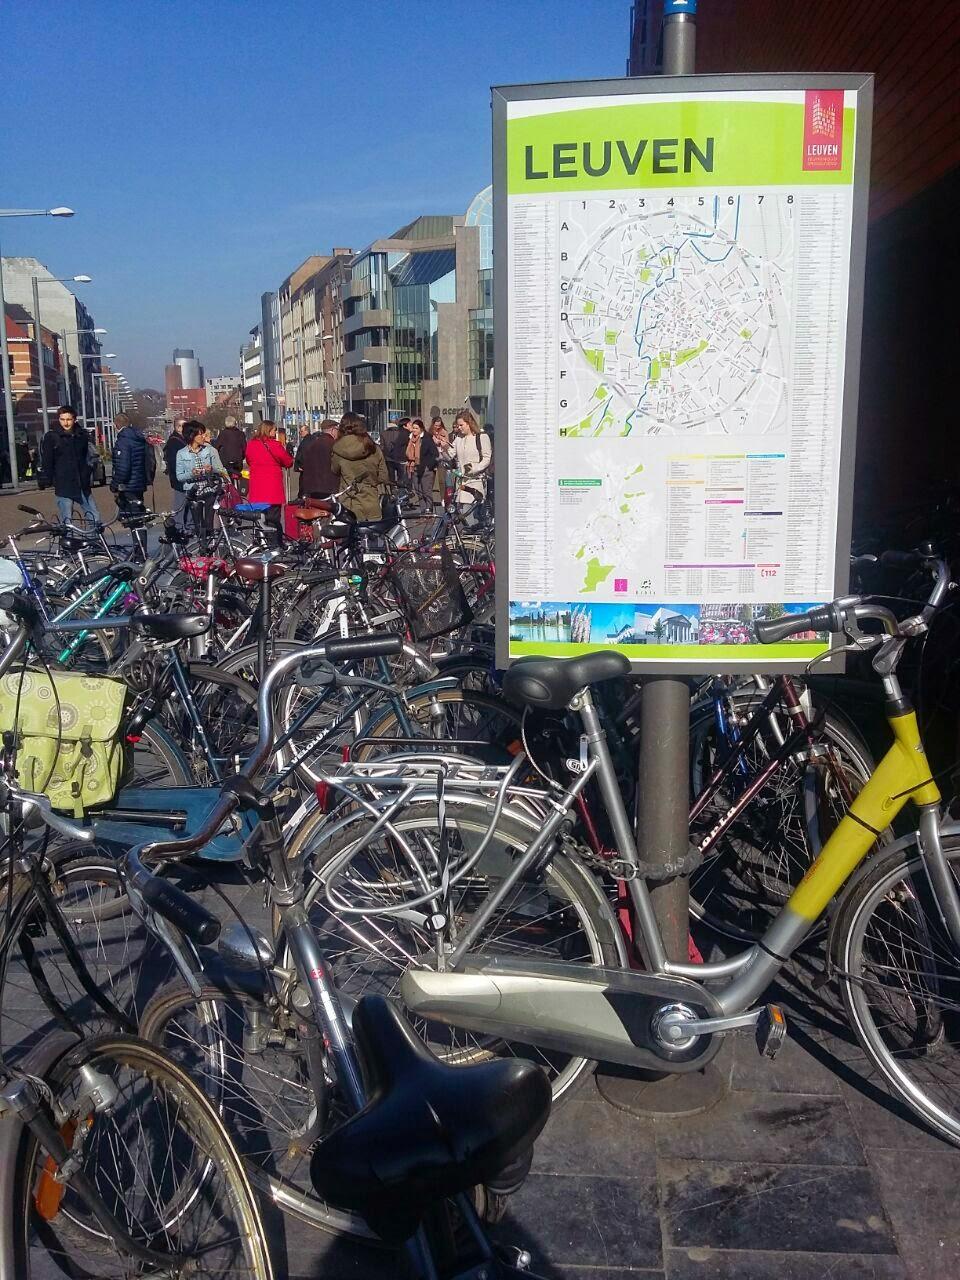 Tempat parkir sepeda disalah satu sudut kota di Belanda dan Leuven Belgia